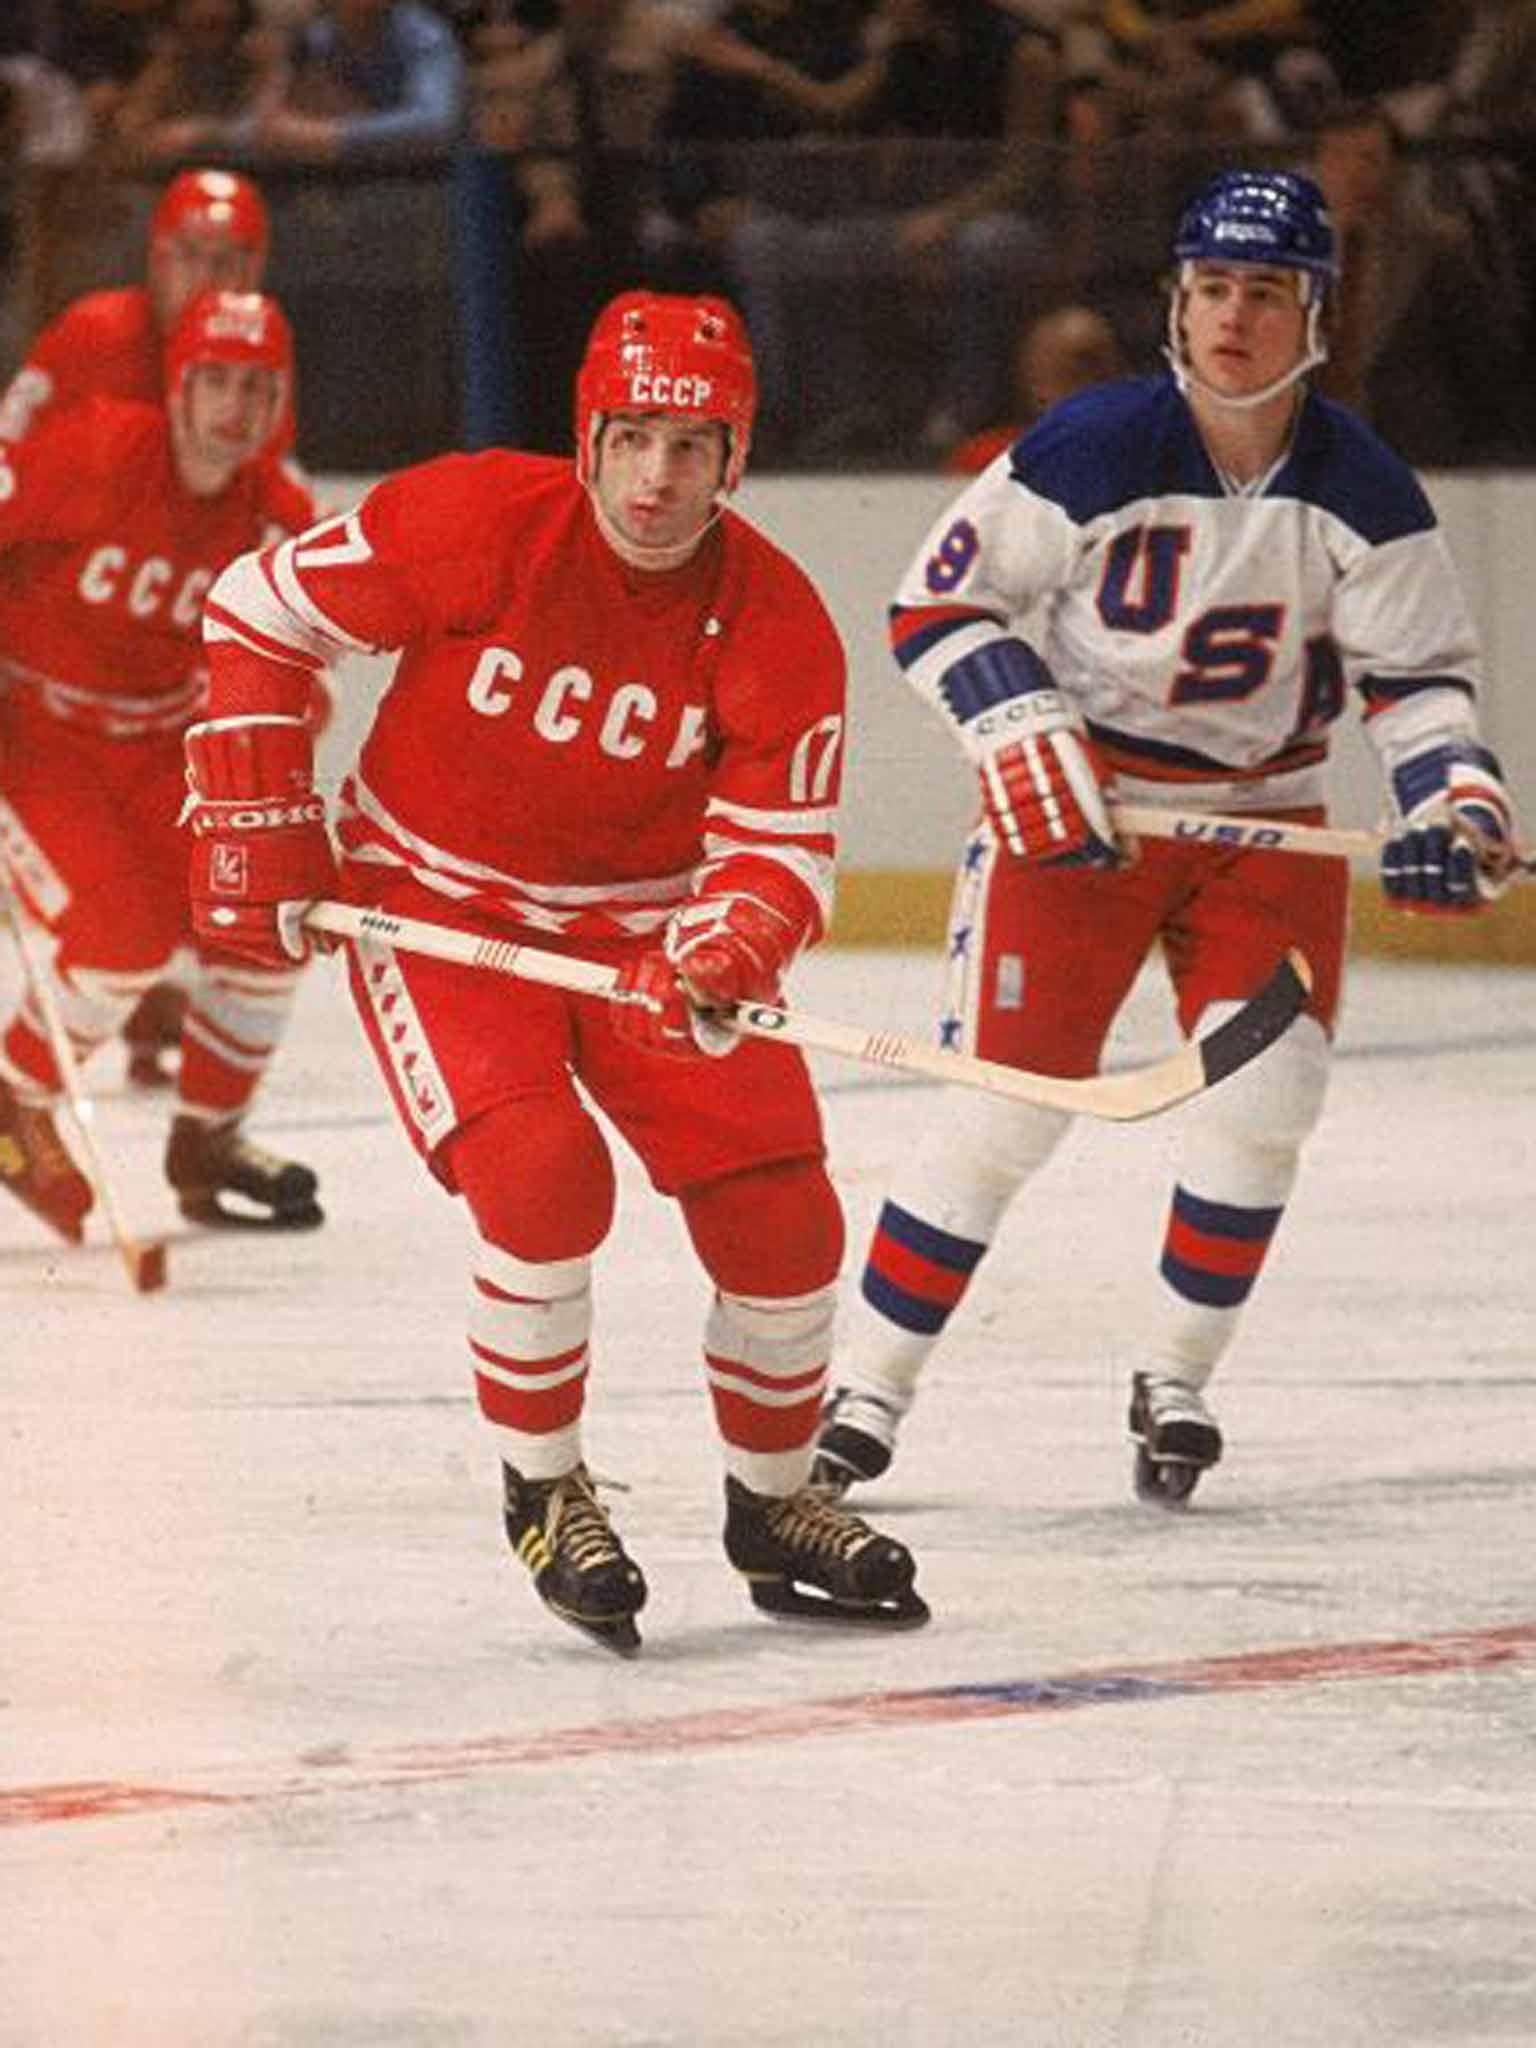 Valery Kharlamov: biography of hockey player, family, sporting achievements 90